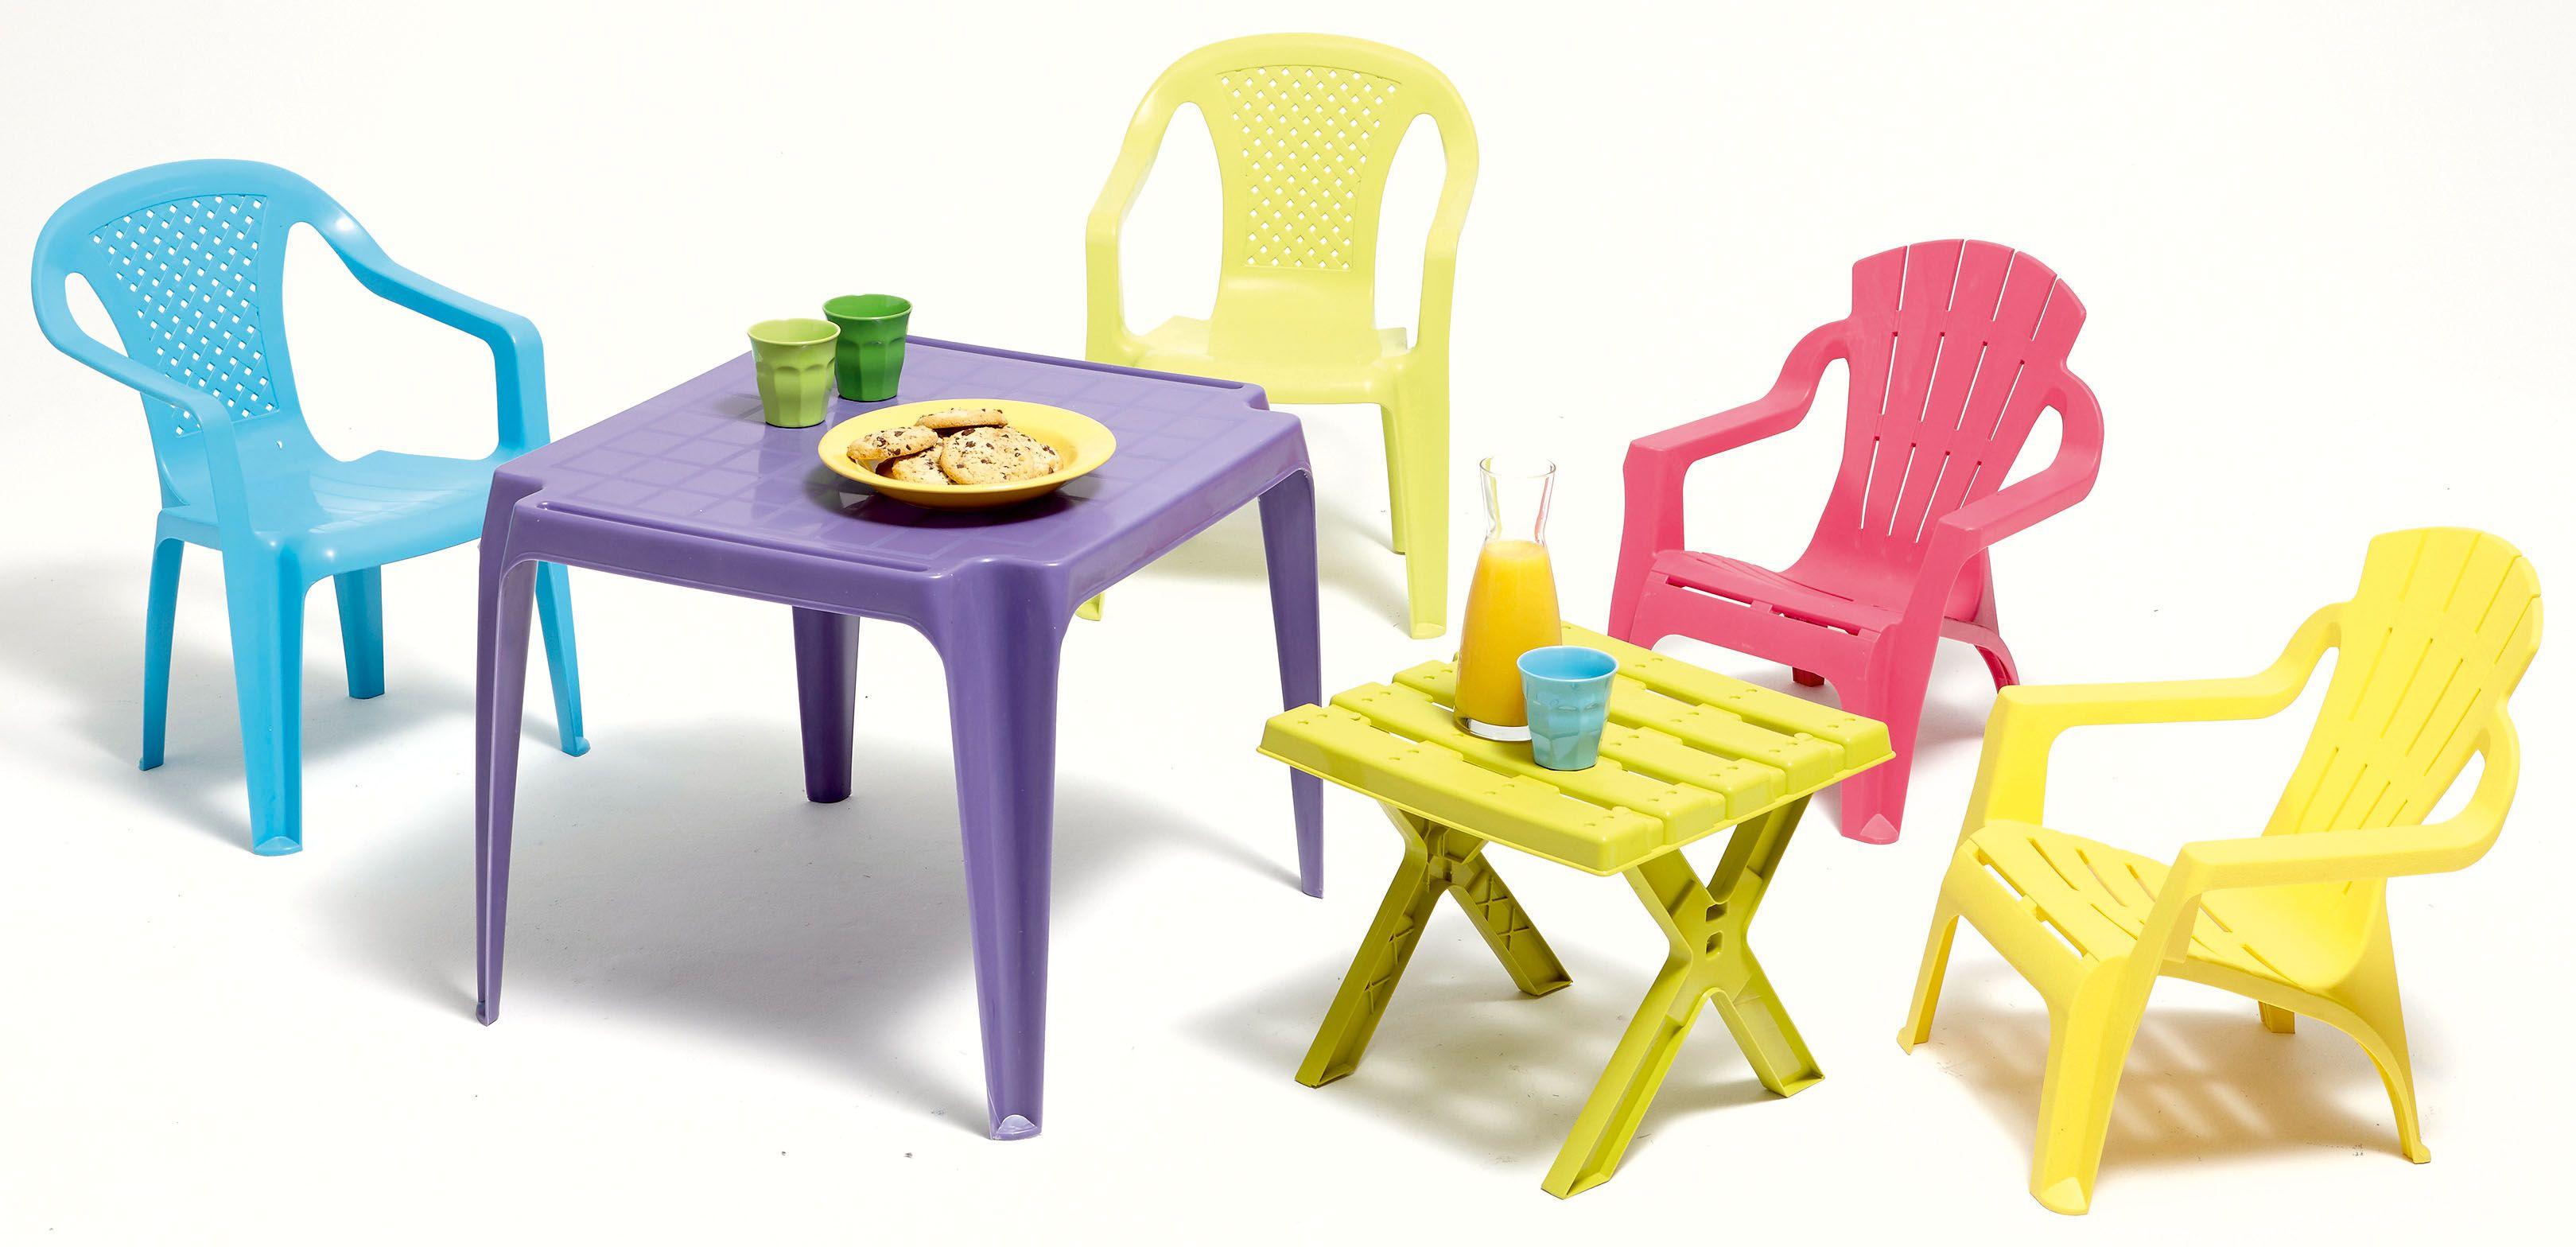 Ensemble de jardin Centrakor coloré pour enfants   Mon extérieur ...